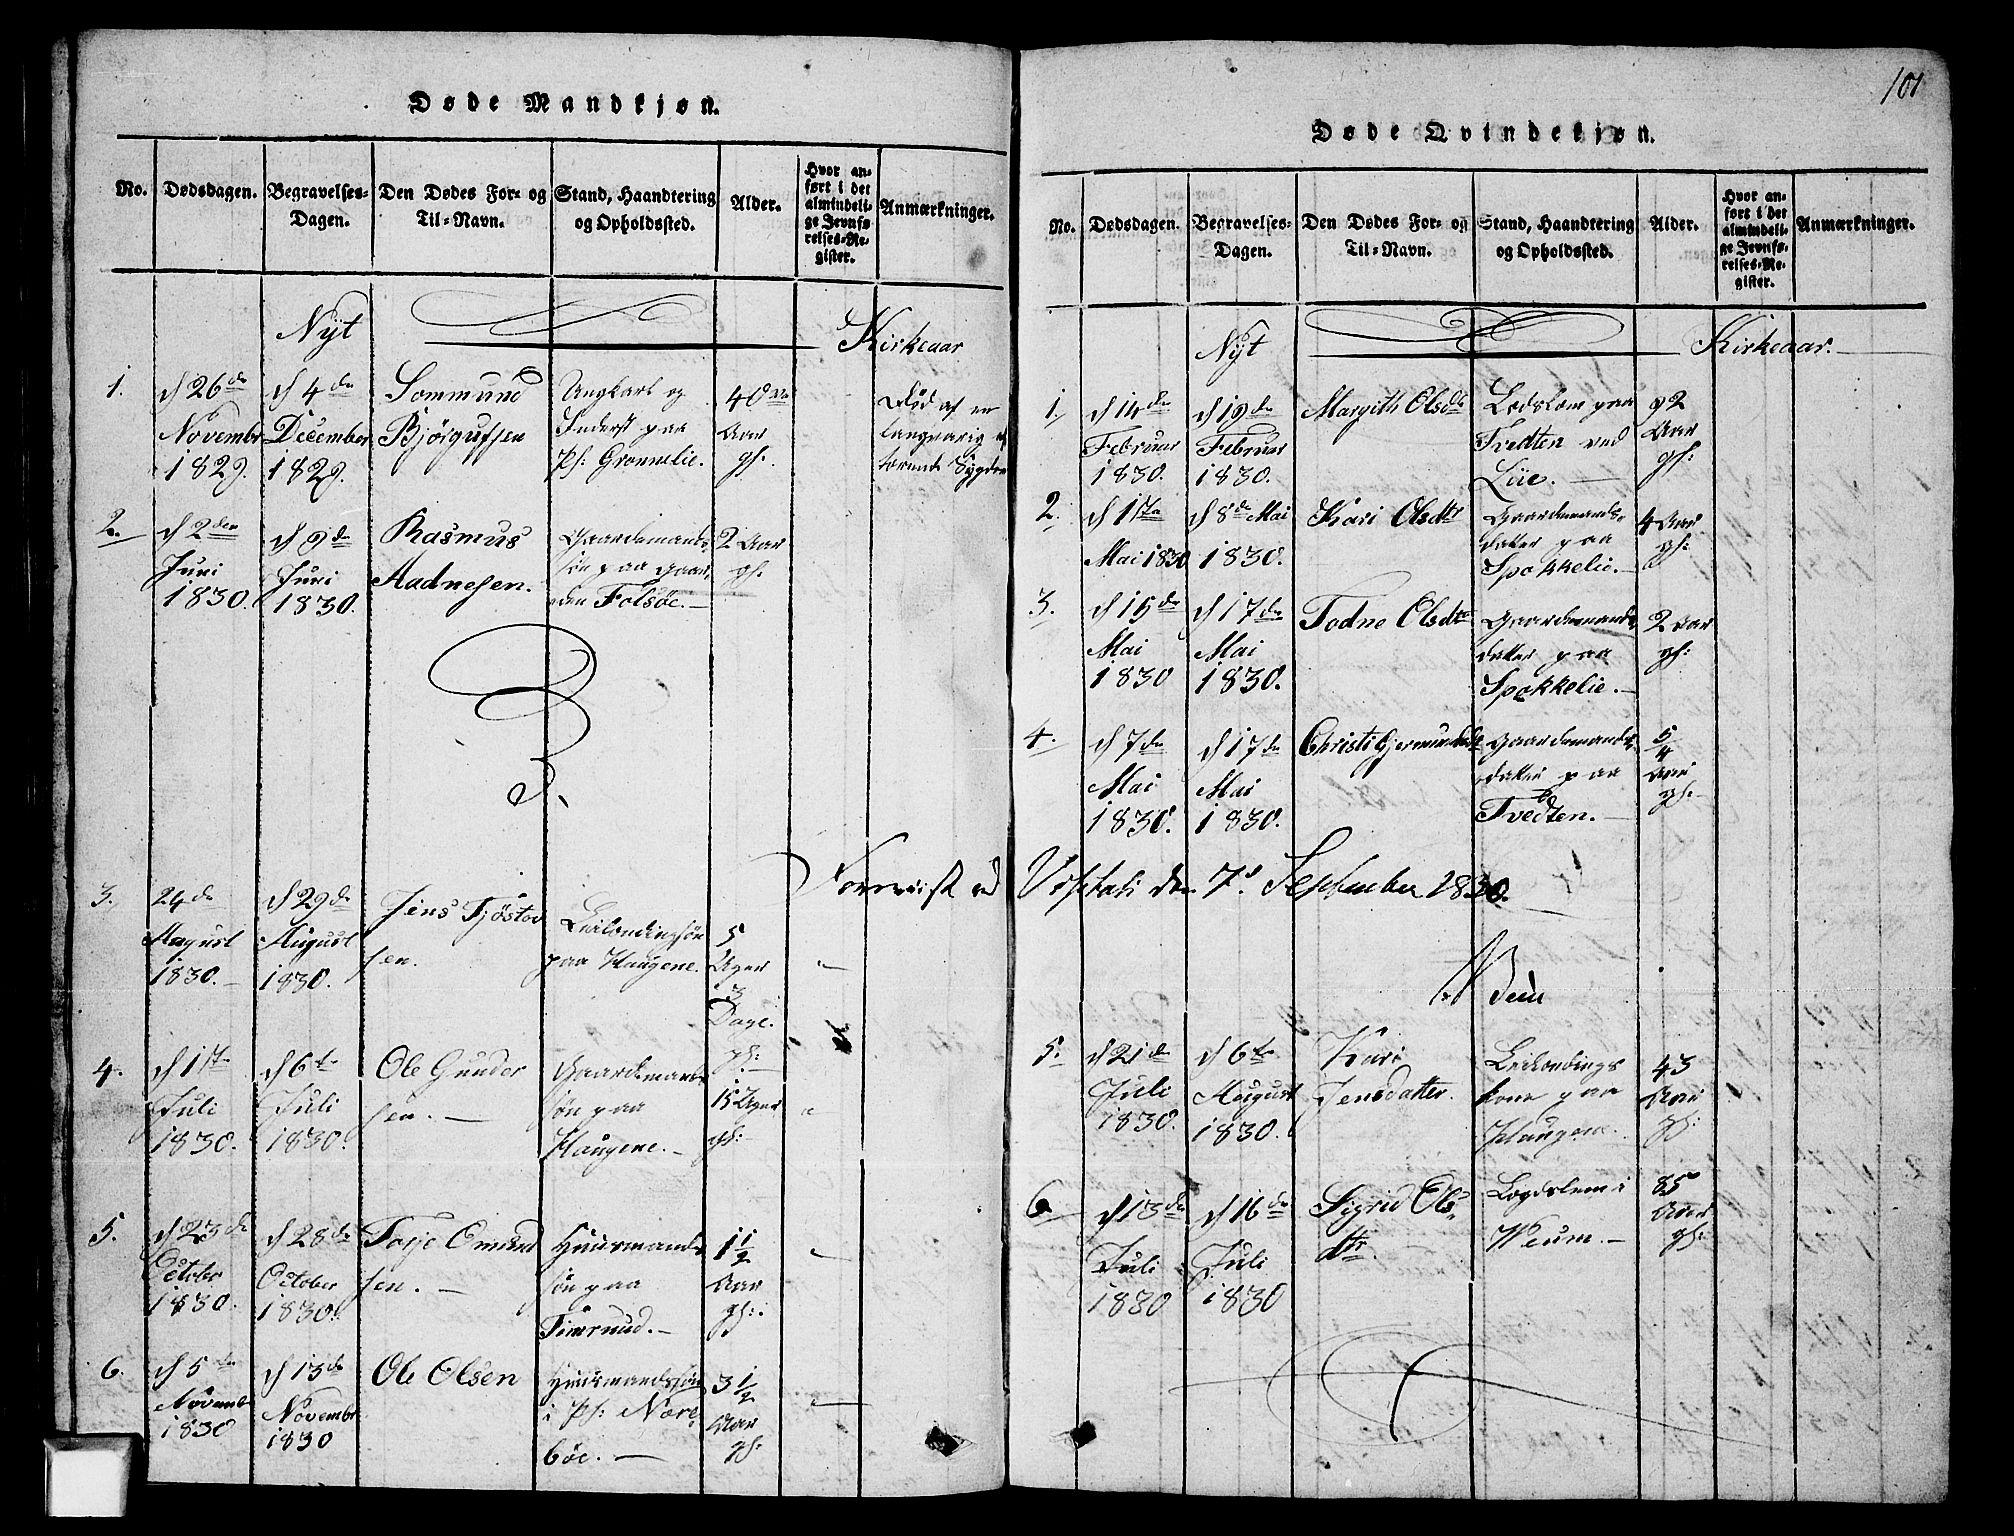 SAKO, Fyresdal kirkebøker, G/Ga/L0003: Klokkerbok nr. I 3, 1815-1863, s. 101